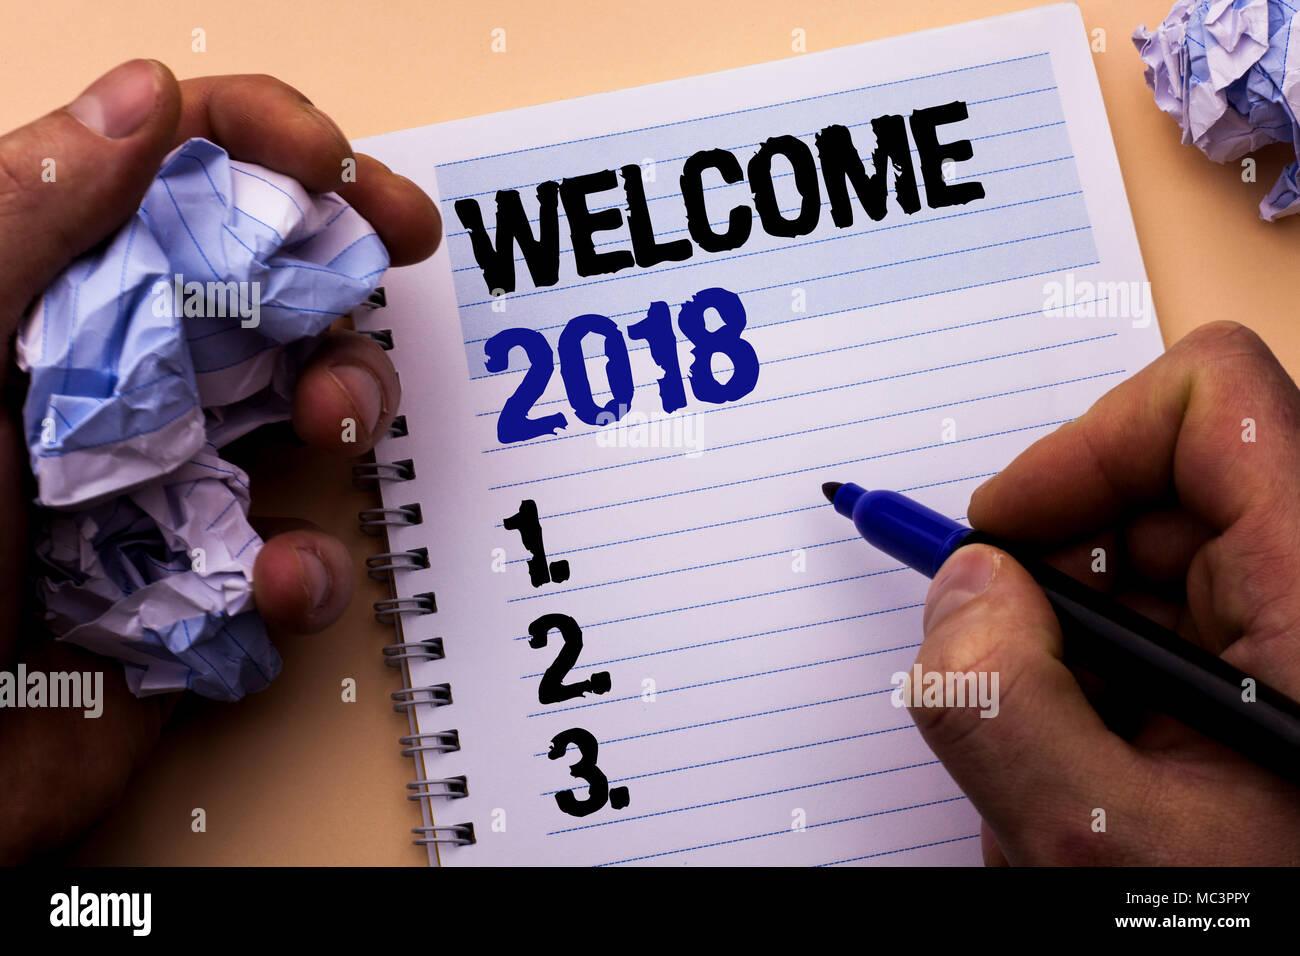 Handschrift text Willkommen 2018. Begriff Sinne Feier neue Feiern Wünsche für die Zukunft erfreuliche möchte Mann Notebook Buch geschrieben, um die Marker Stockbild